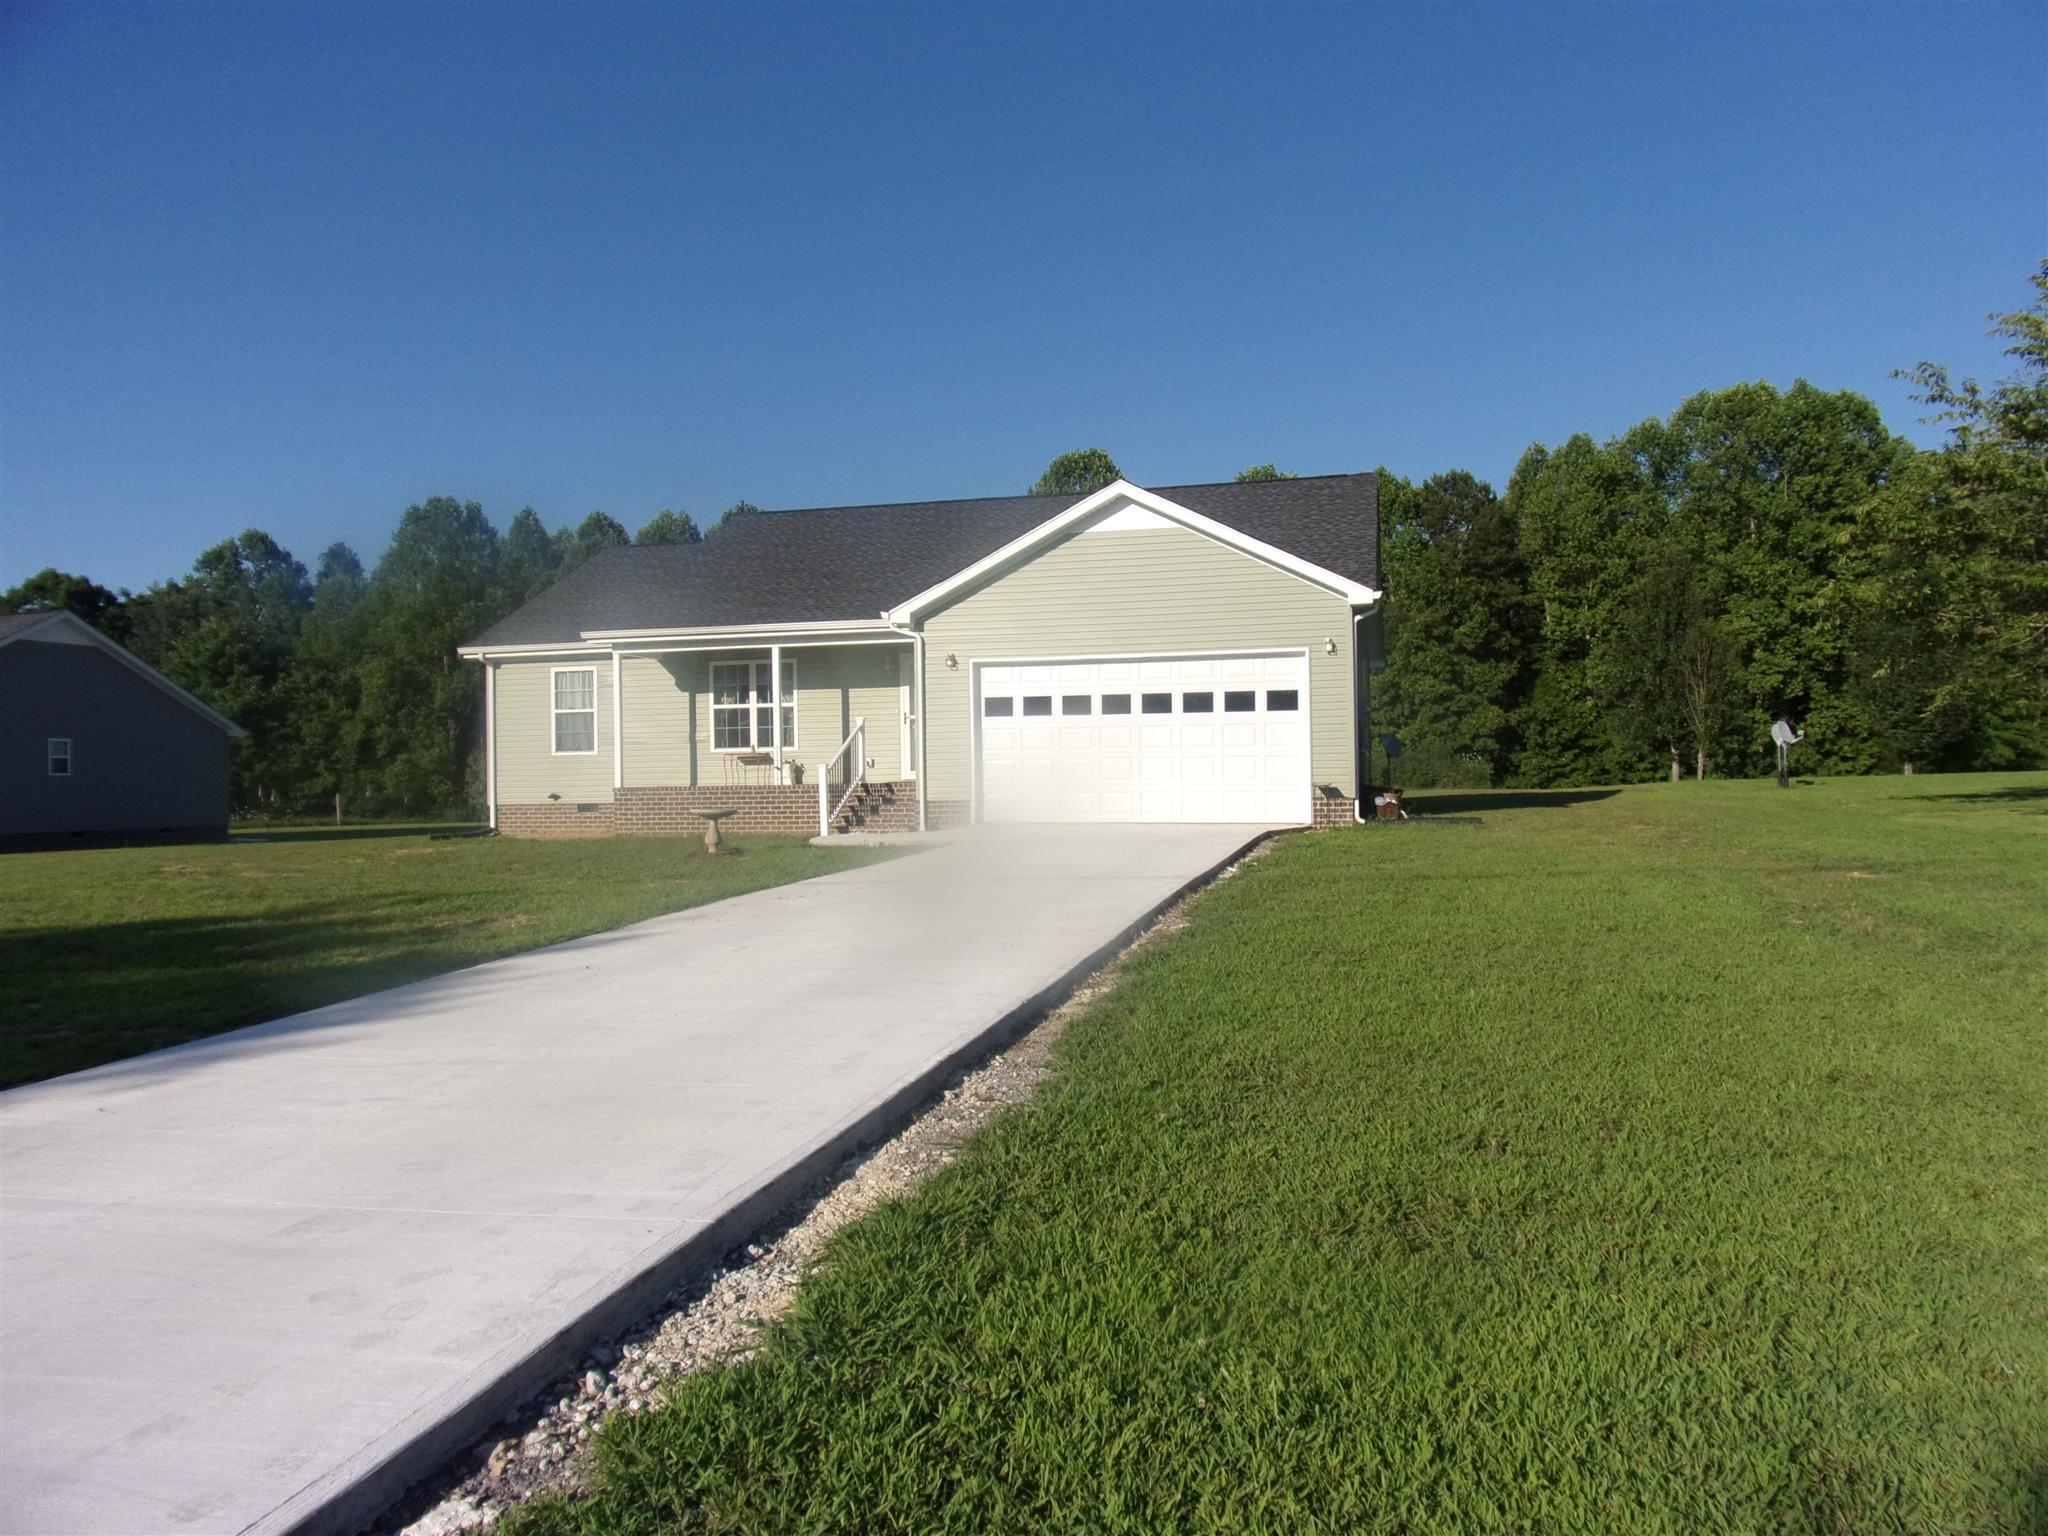 1696 Lee Braswell Rd, Smithville, TN 37166 - Smithville, TN real estate listing